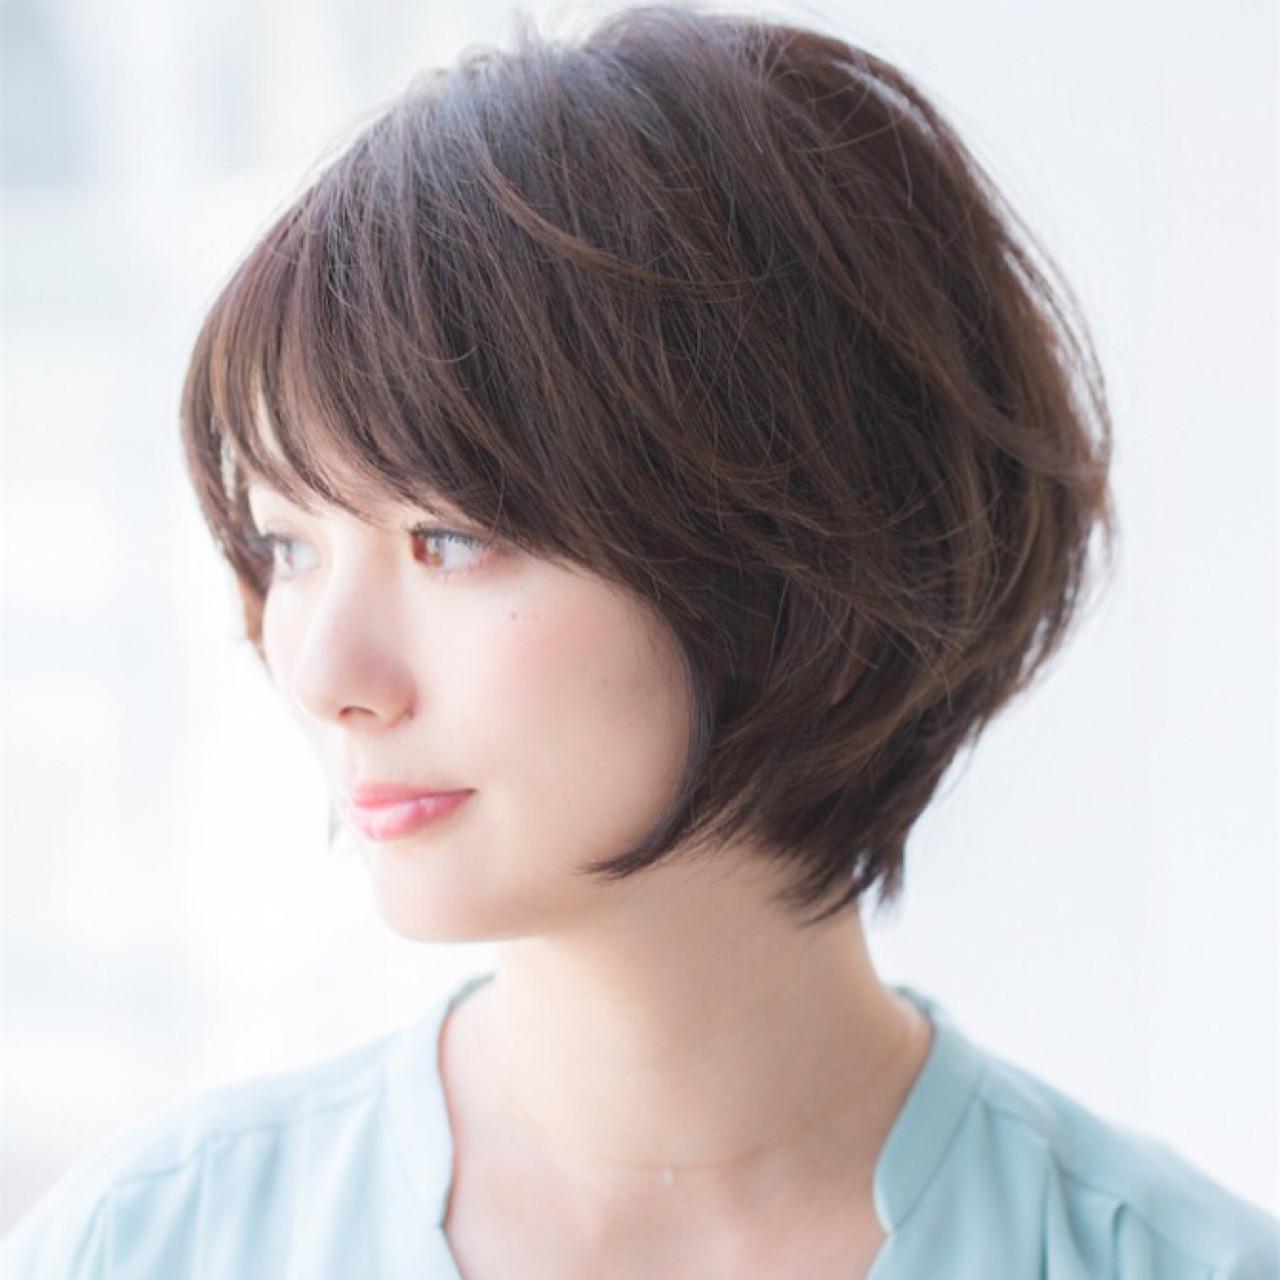 【顔型診断】顔の形で分かる!自分に似合う髪型って何?♡ NAOMI | Ramie